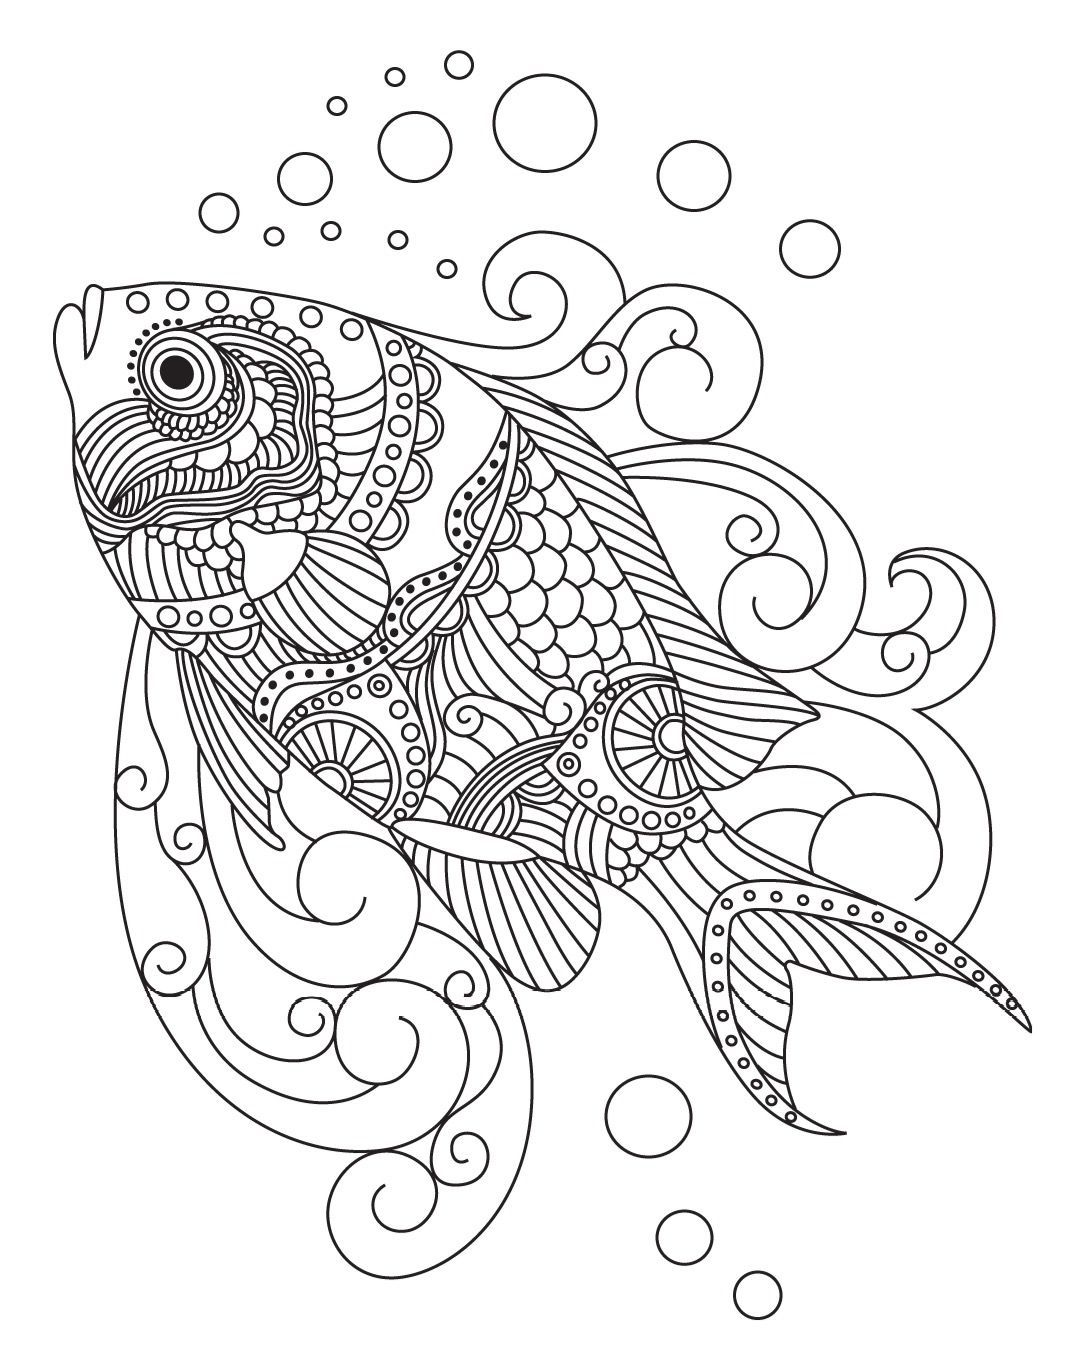 Fish Colorish Coloring Book For Adults Mandala Relax By Mandala Coloring Pages Mandala Coloring Fish Coloring Page